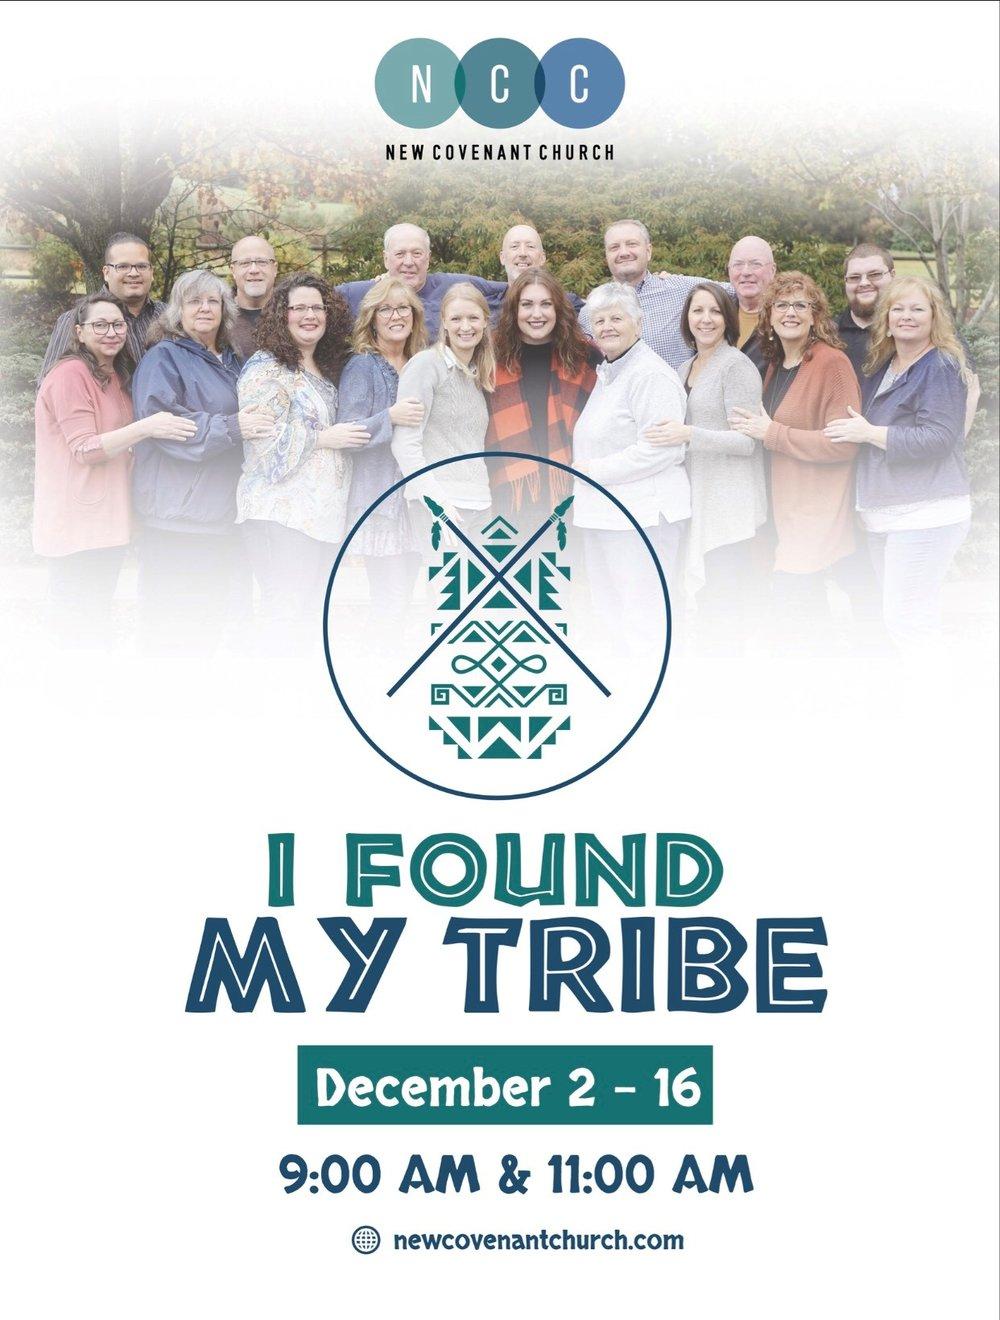 I Found My Tribe - New Covenant Church, North Carolina